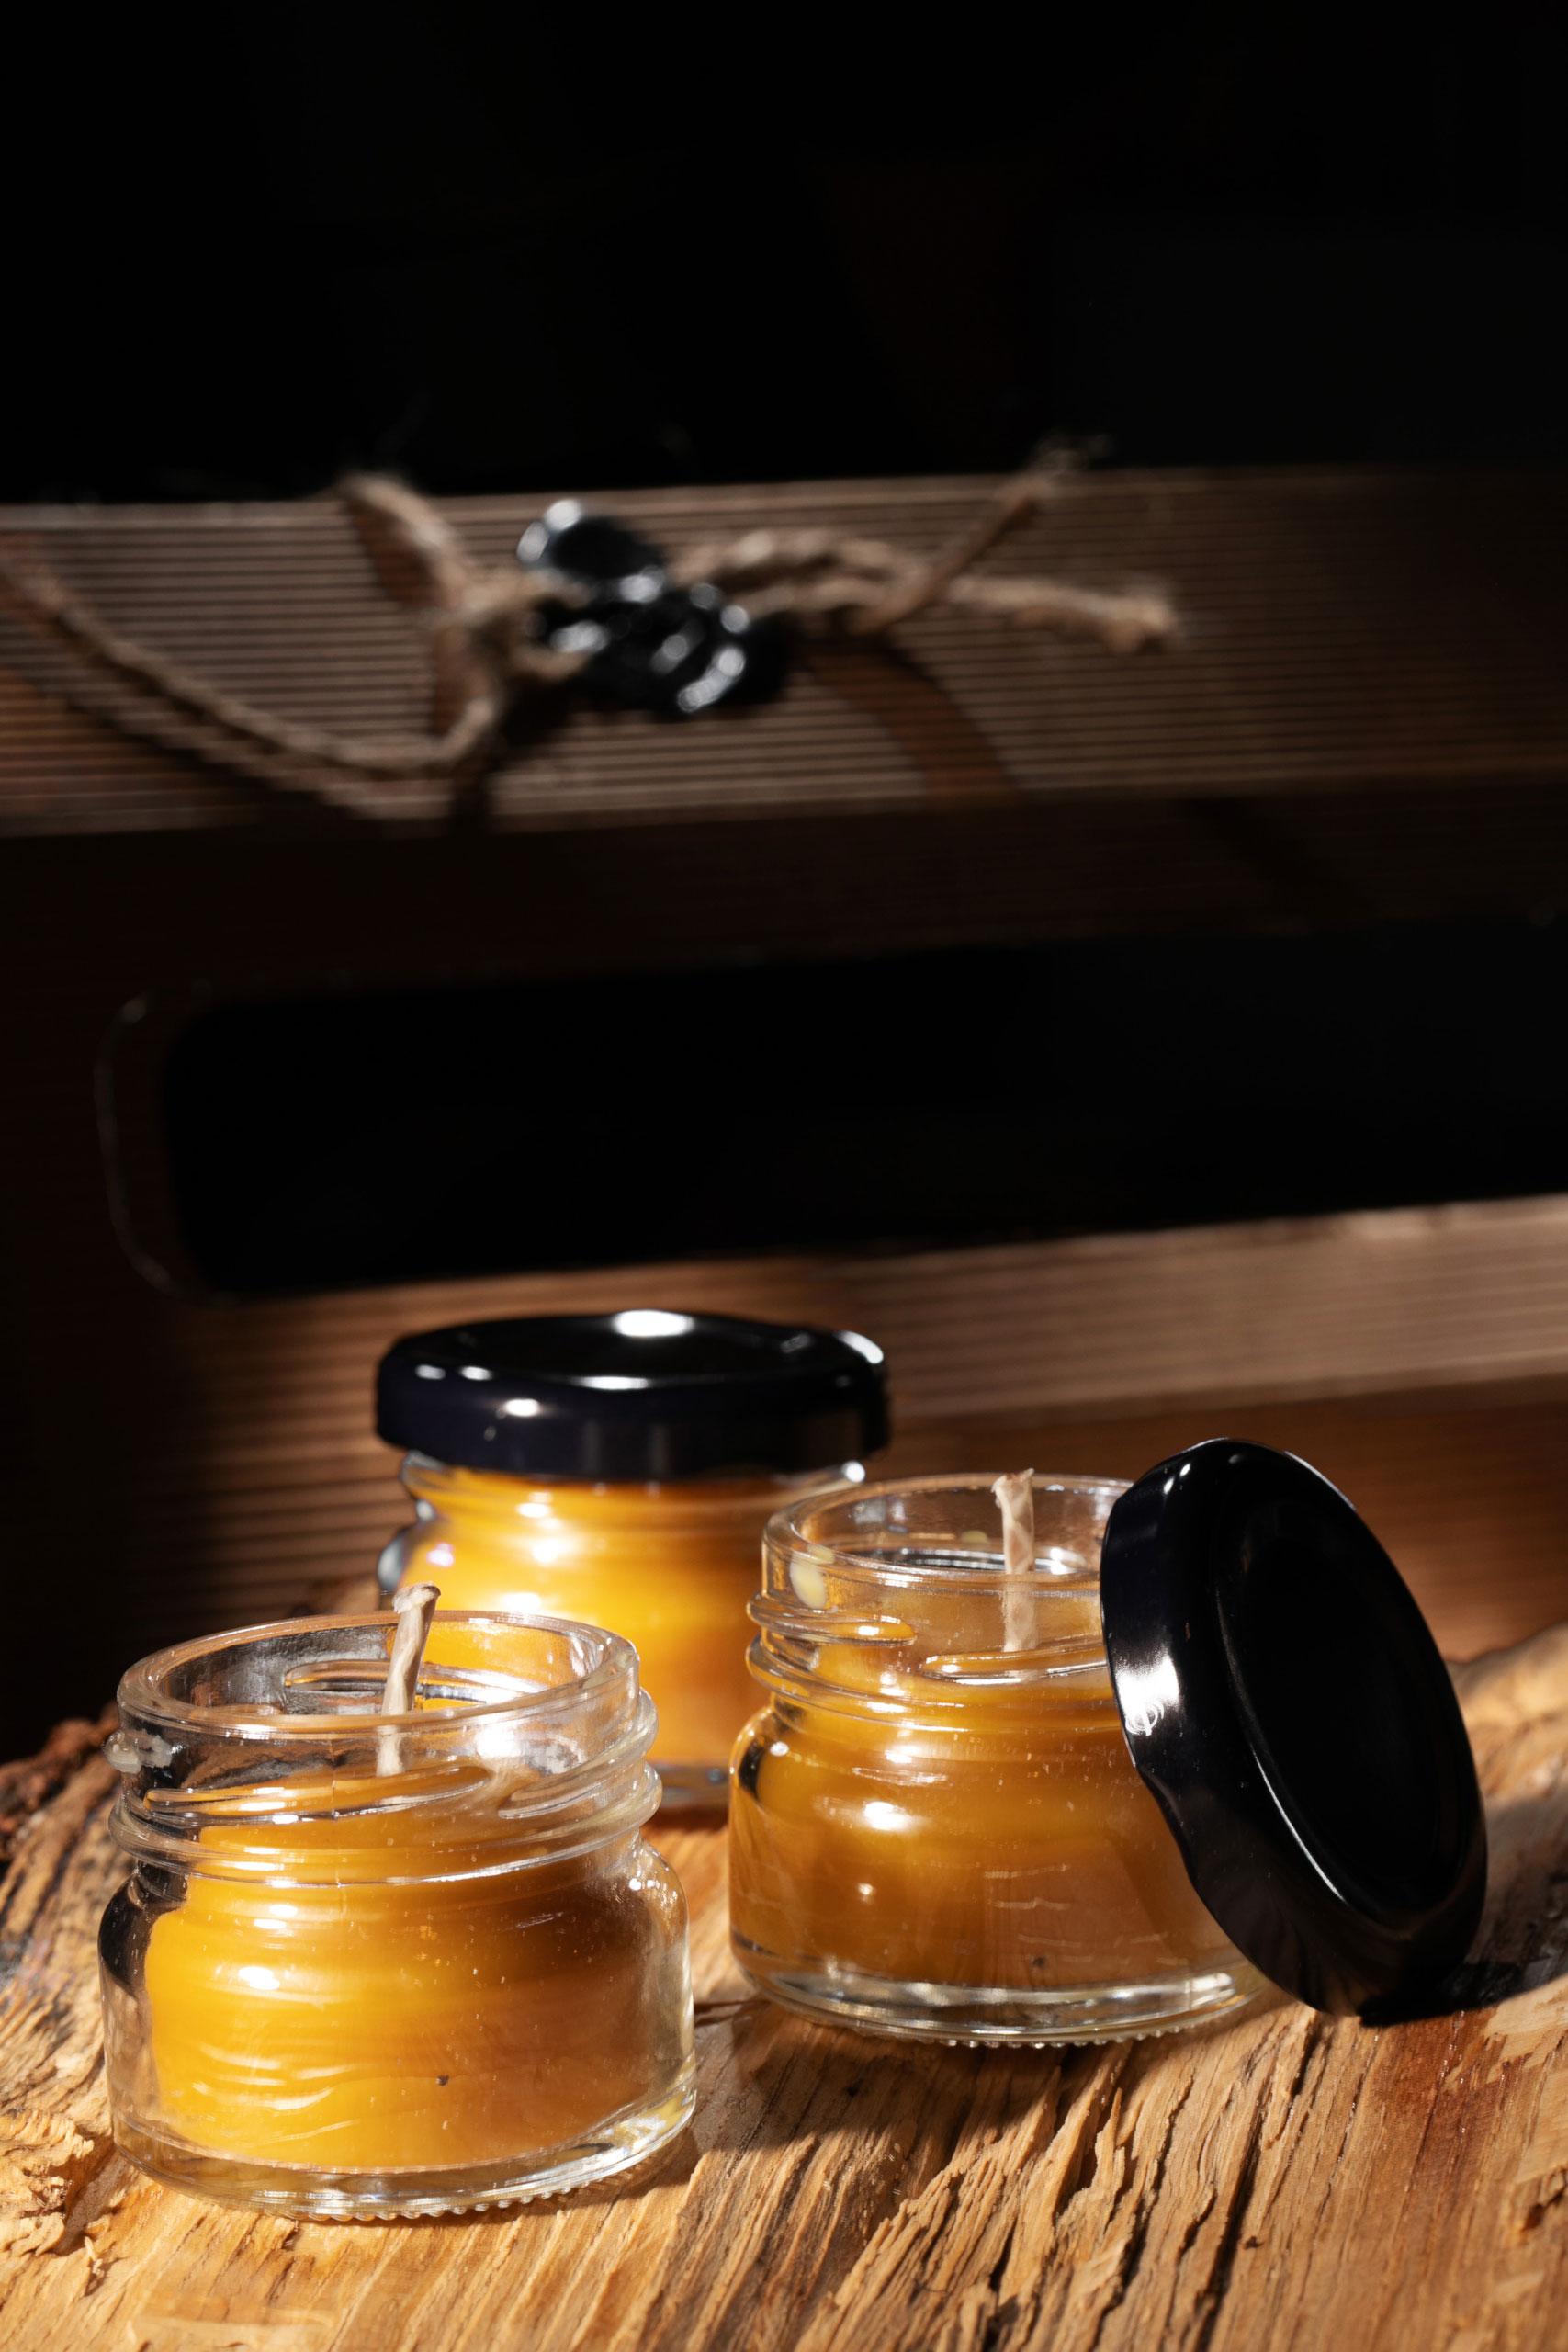 świeca z ula; świeczka naturalna z wosku pszczelego